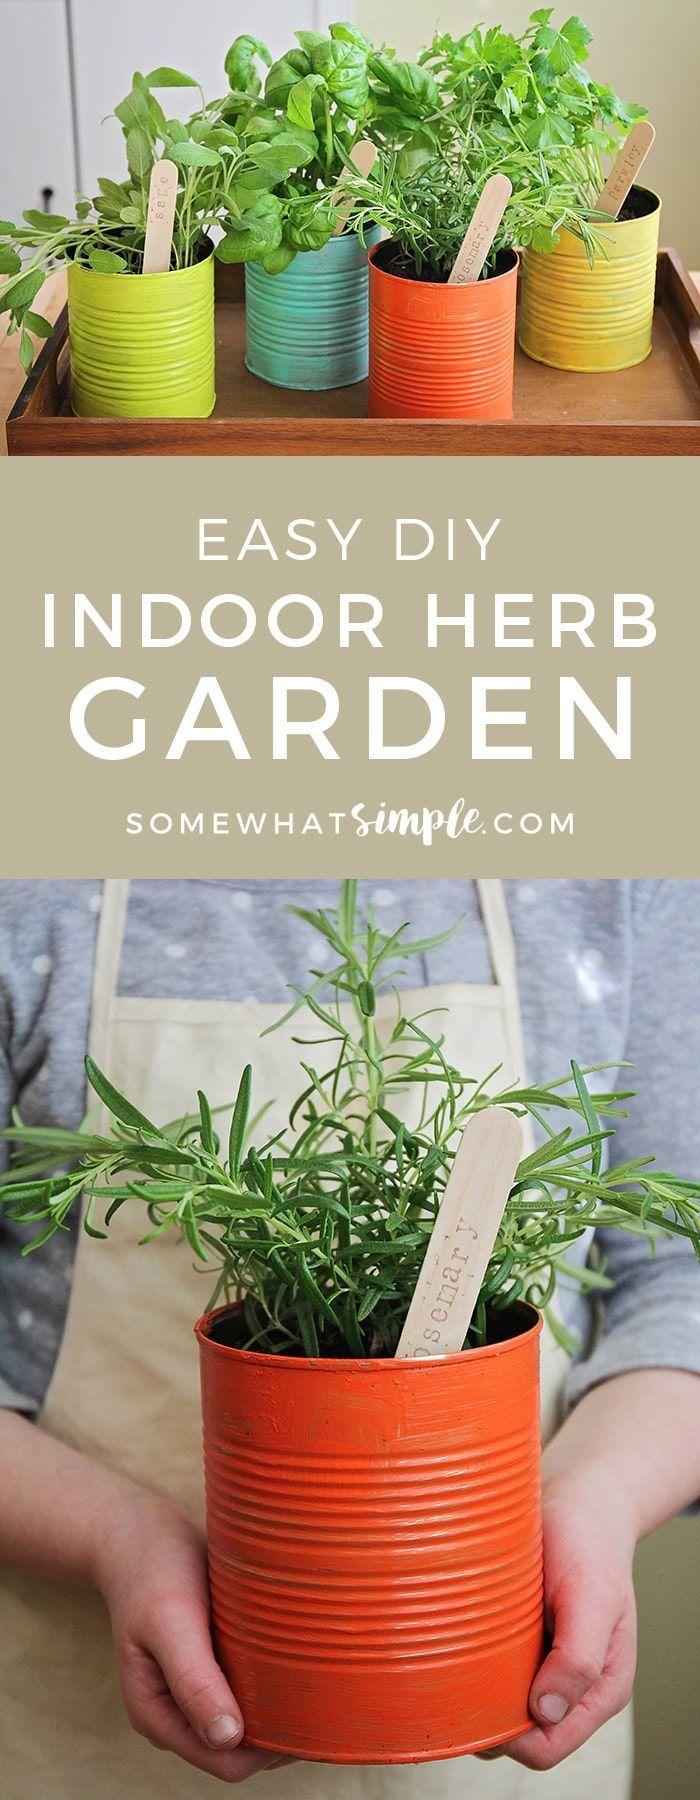 How To Make Your Own Indoor Herb Garden Indoor Vegetable 400 x 300